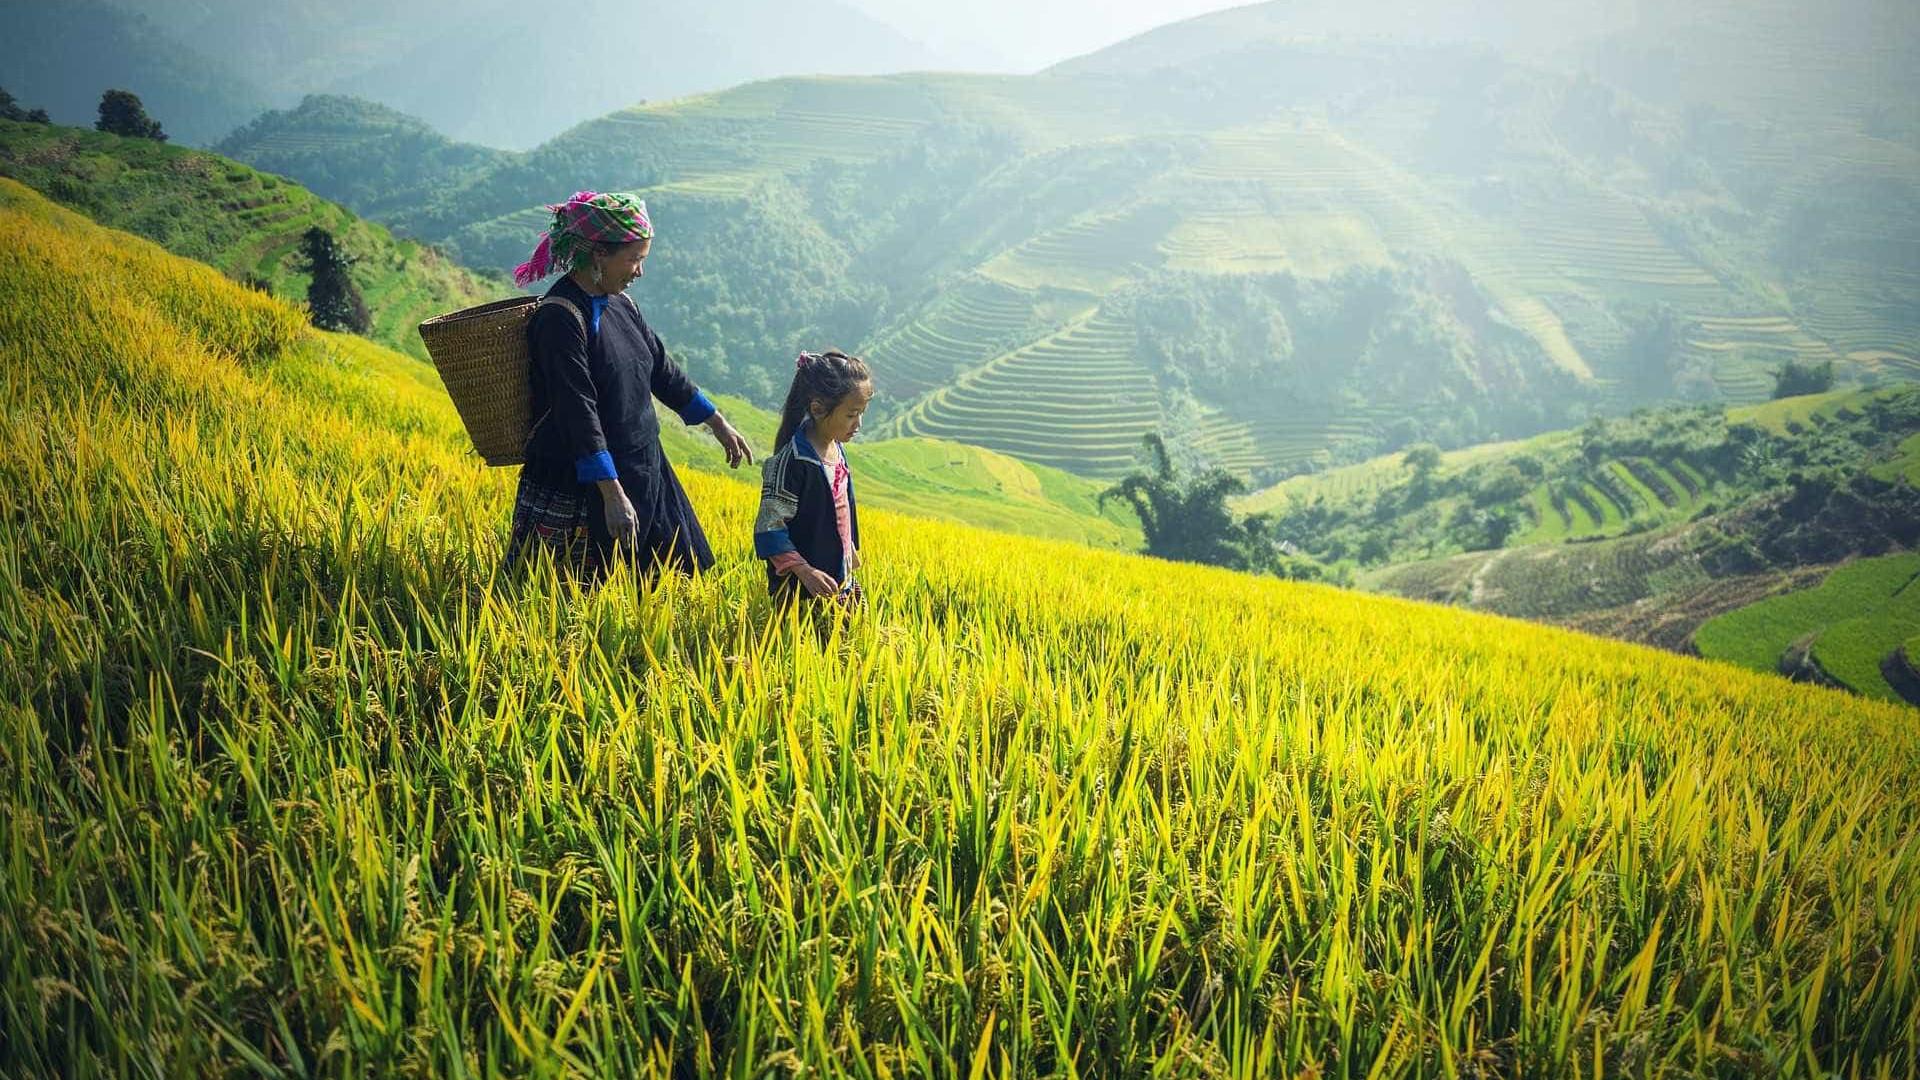 IBGE: Participação de mulheres no campo aumentou nos últimos anos